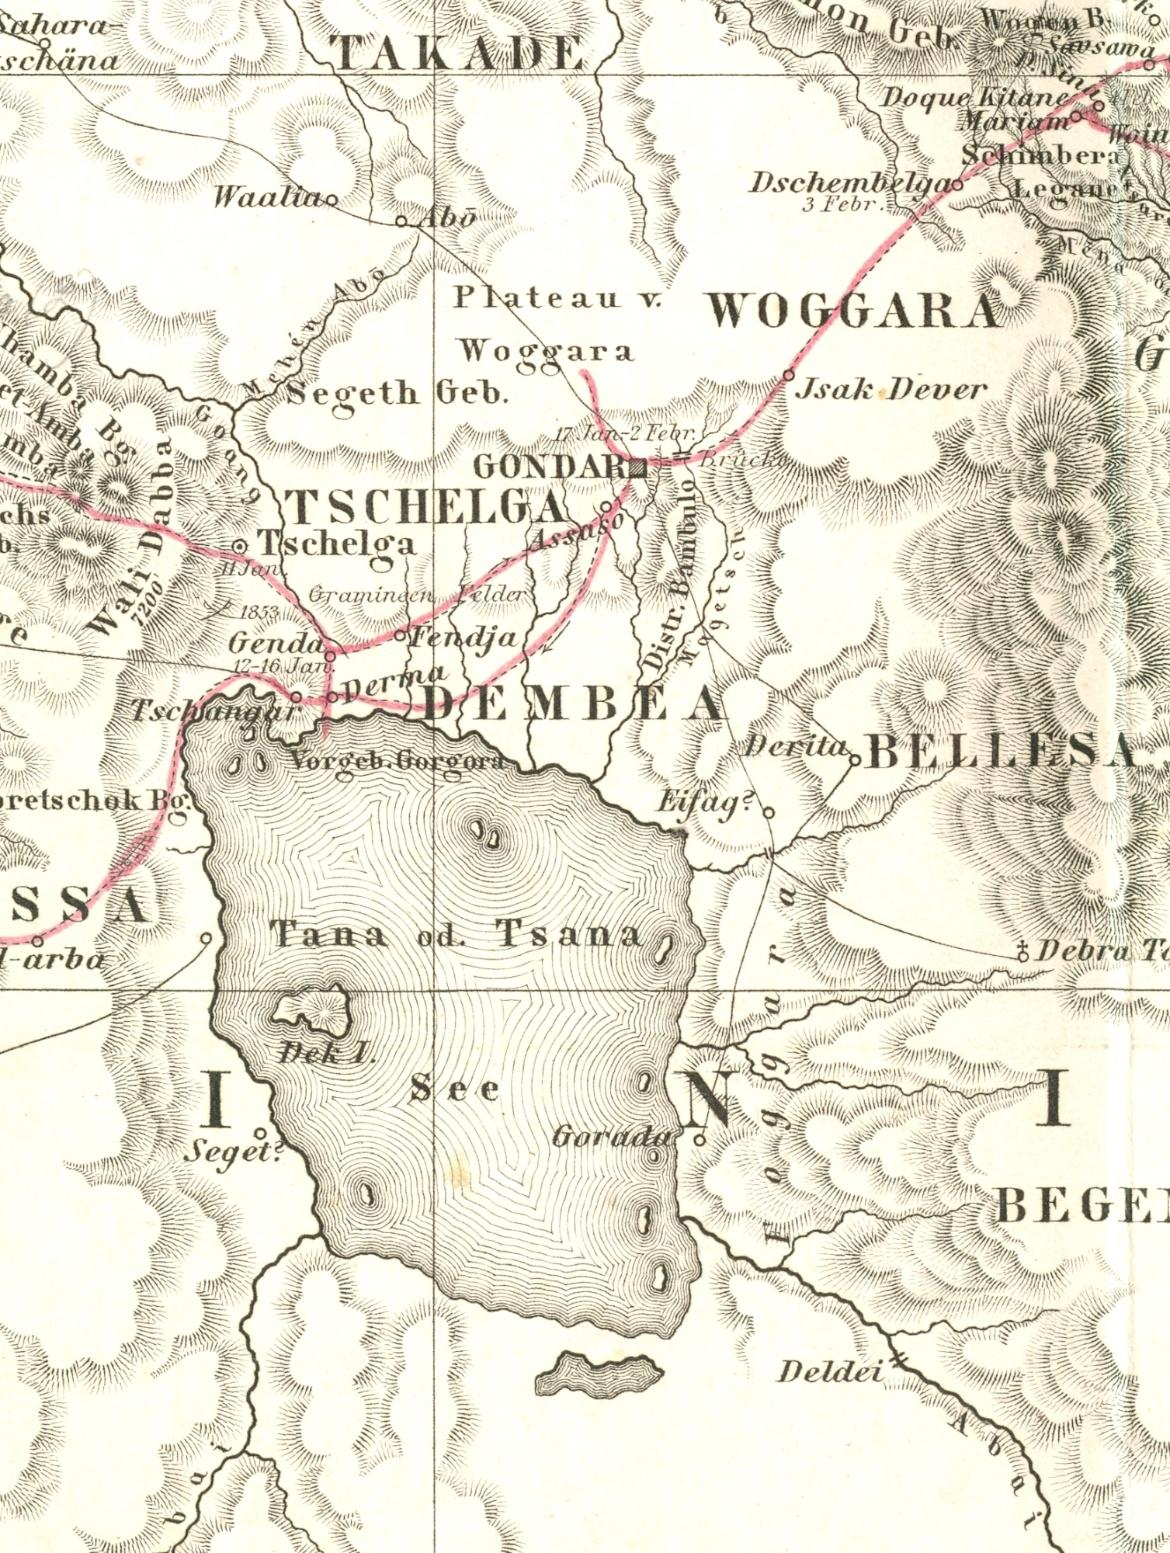 Karte Athiopiens aus dem Jahr 1857 von Theodor Heuglin. Der Ausschnitt zeigt die Gebiete um den Tanasee, die rote Linie die Route Heuglins 1852/53. (c)